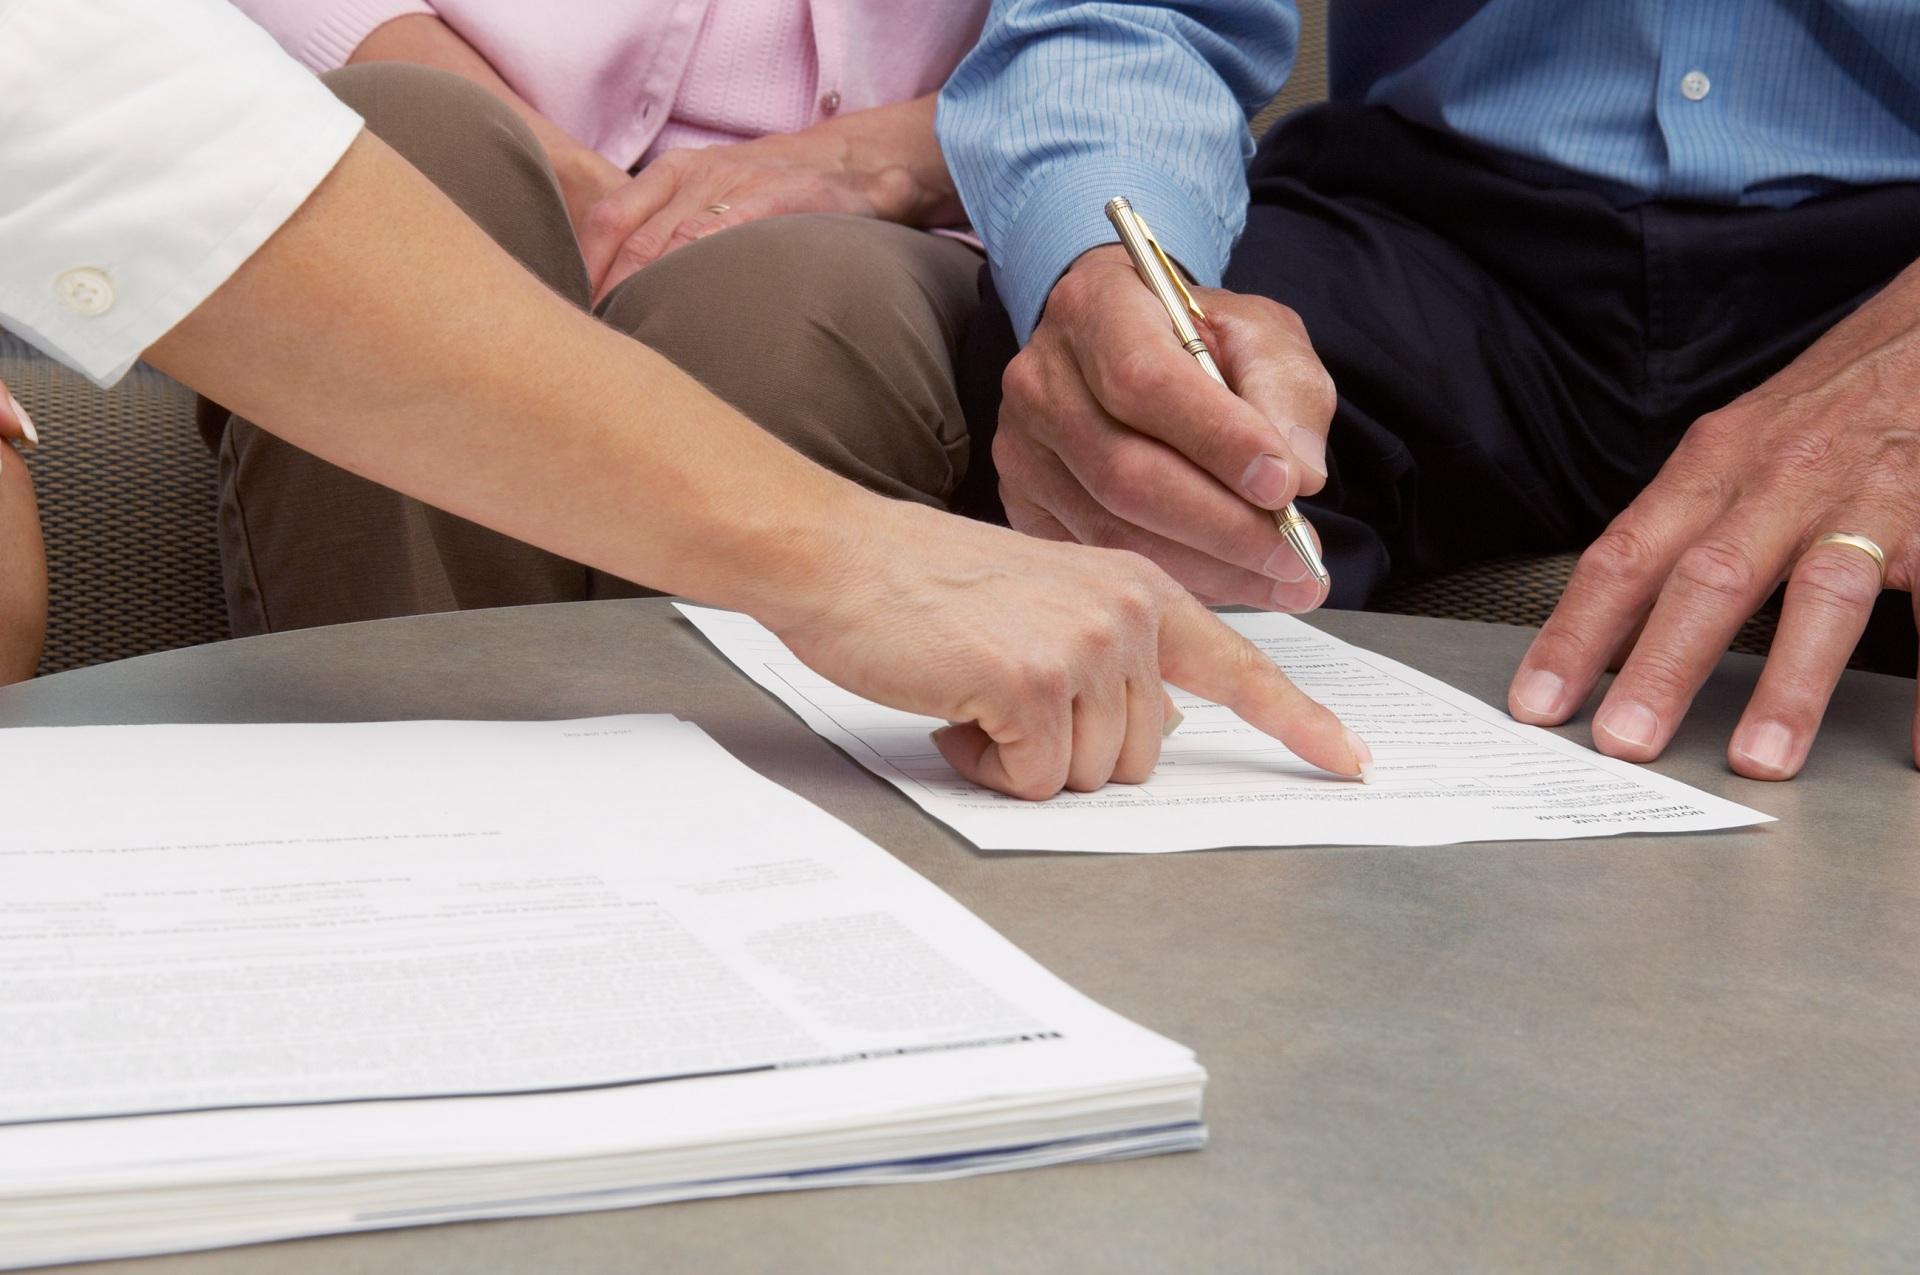 В Сыктывкаре банк ВТБ 24 при оформлении кредита ущемил права потребителя